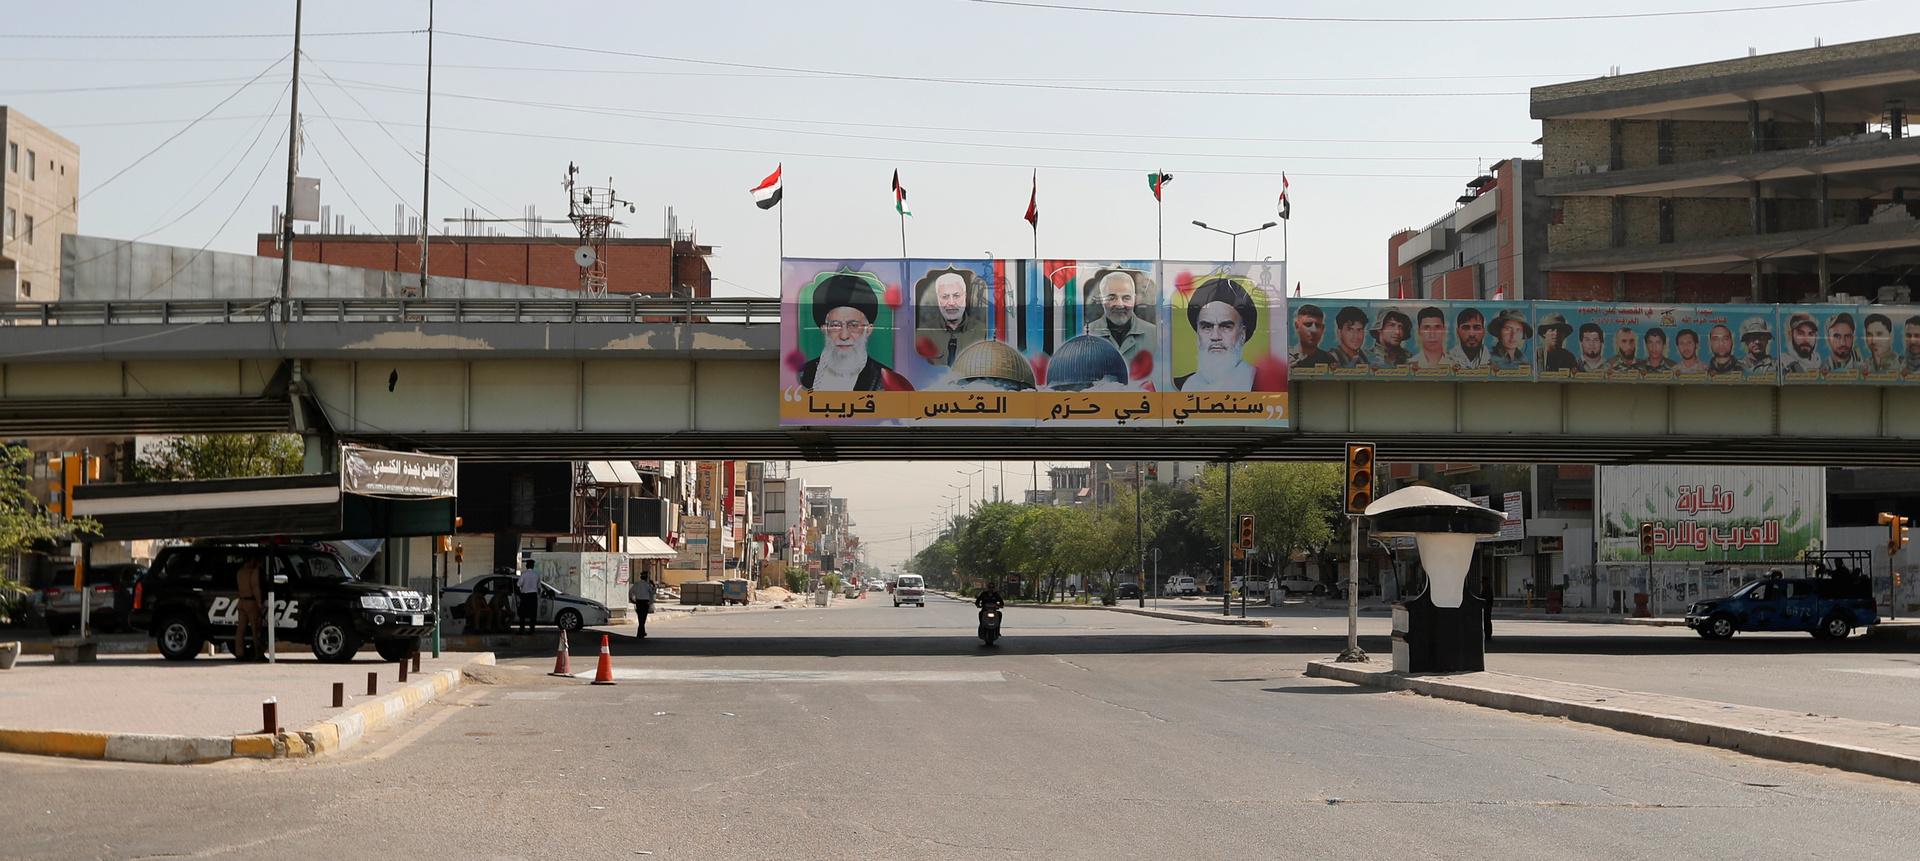 القضاء العراقي: ناقشنا مع ظريف إمكانية تدويل قضية اغتيال المهندس وسليماني